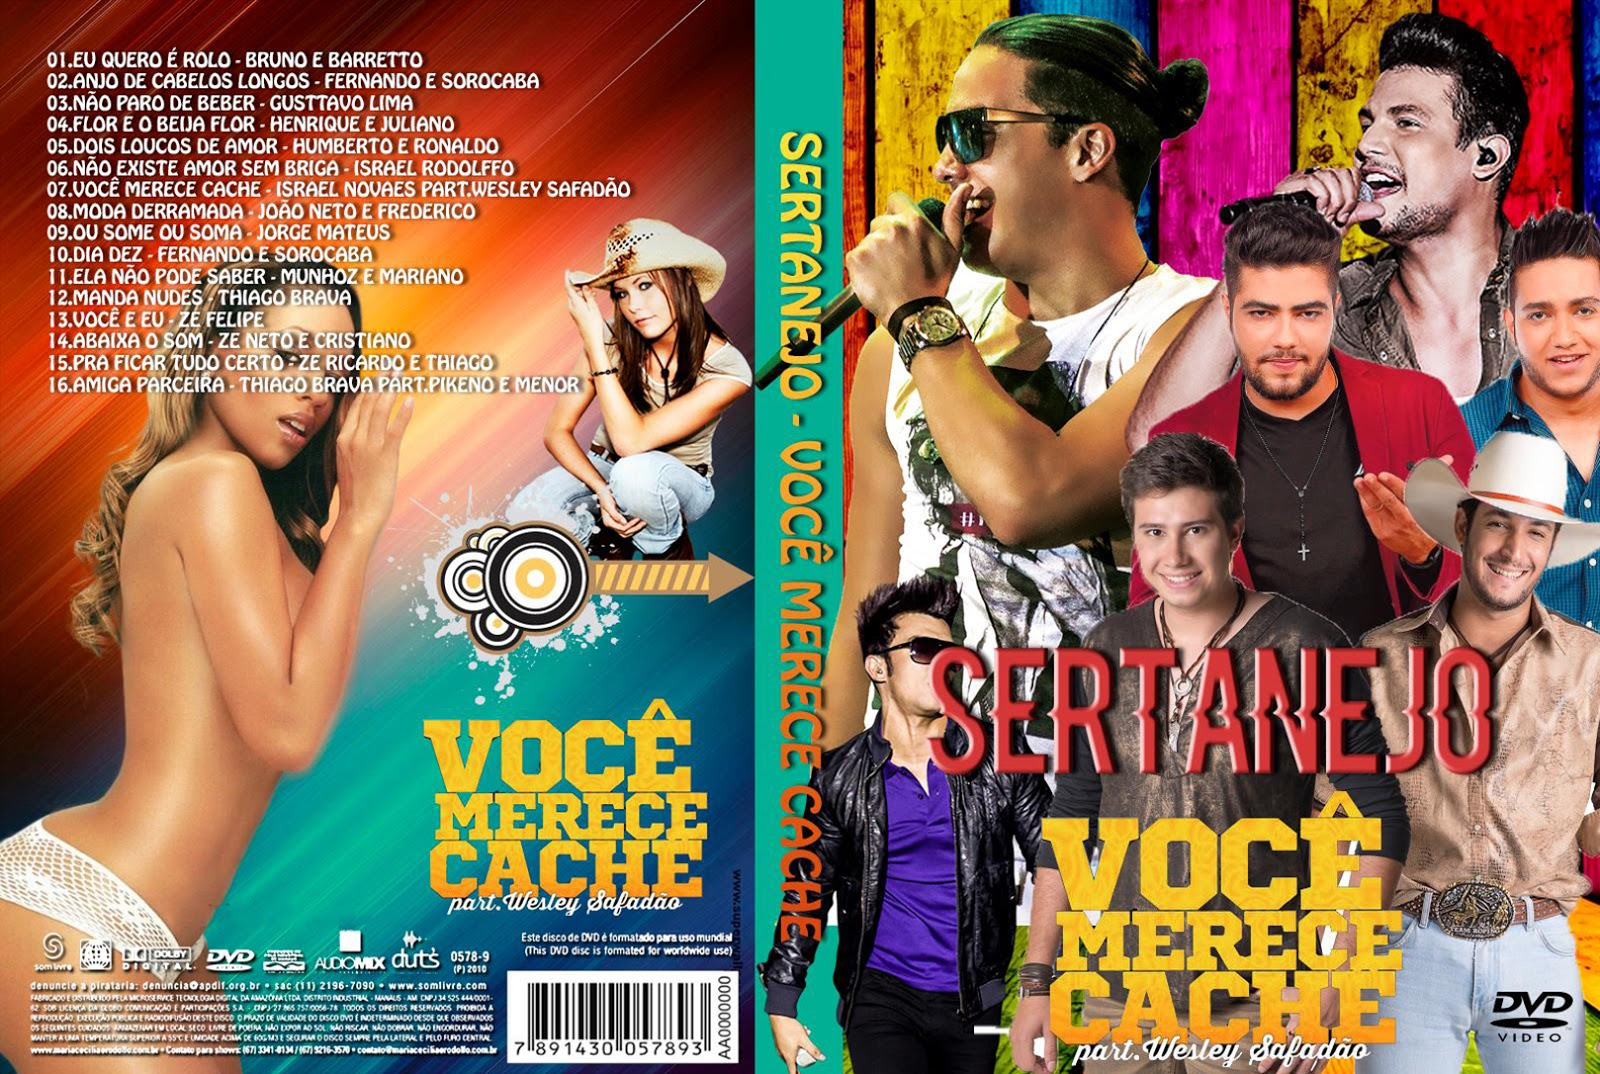 Sertanejo Você Merece Cache DVD-R Sertanejo 2BVoc 25C3 25AA 2BMerece 2BCache 2BDVD R 2B  2BXANDAODOWNLOAD